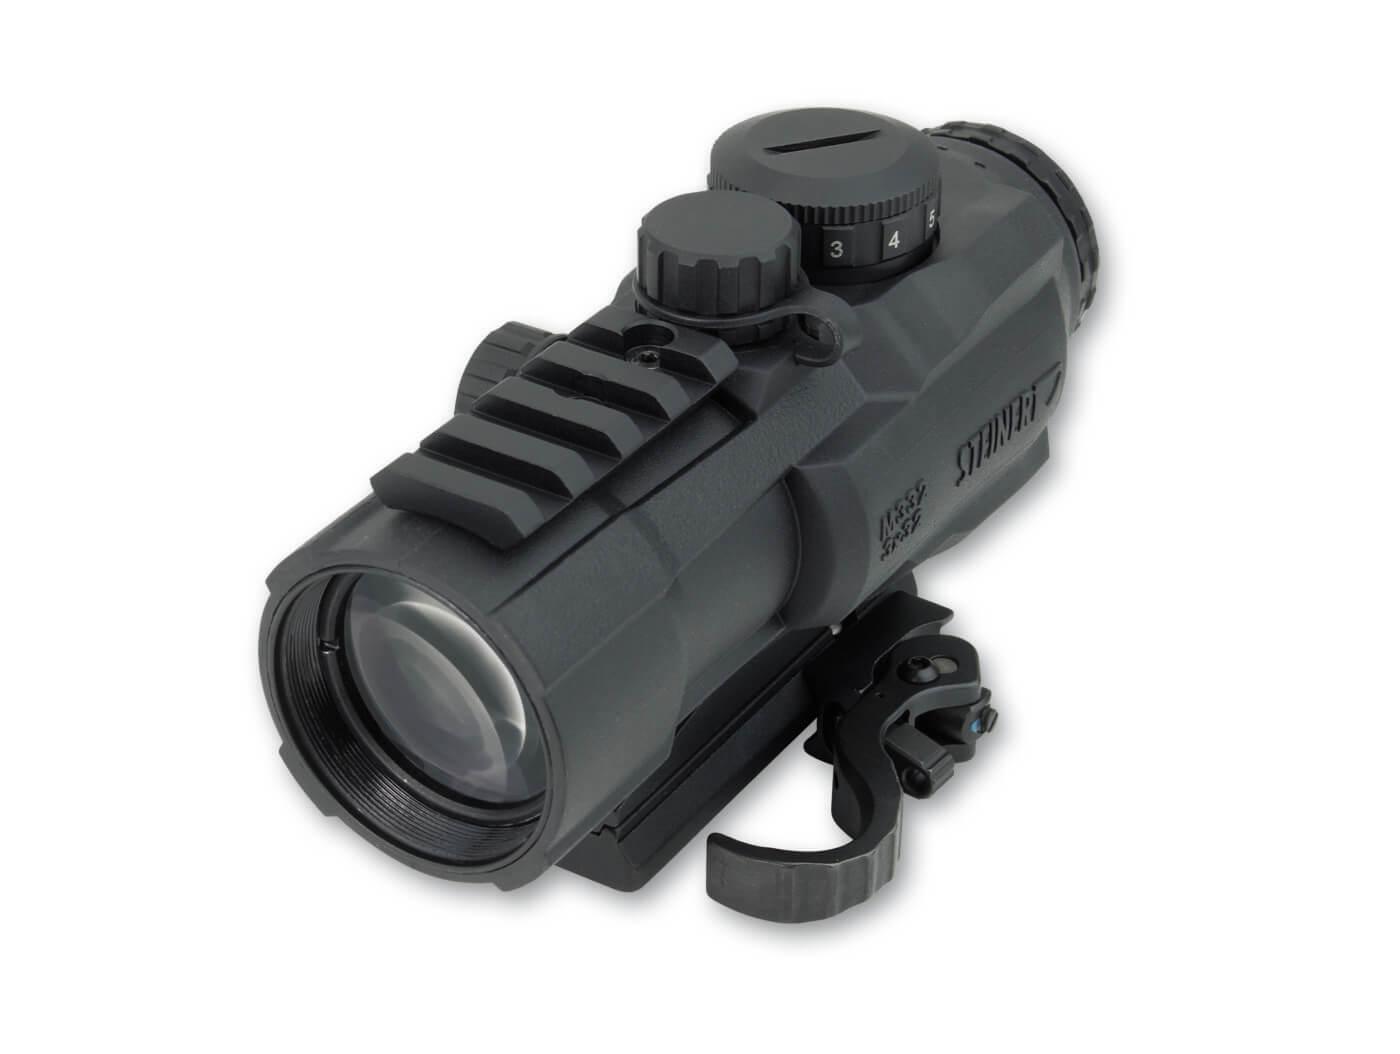 Steiner M332 sight